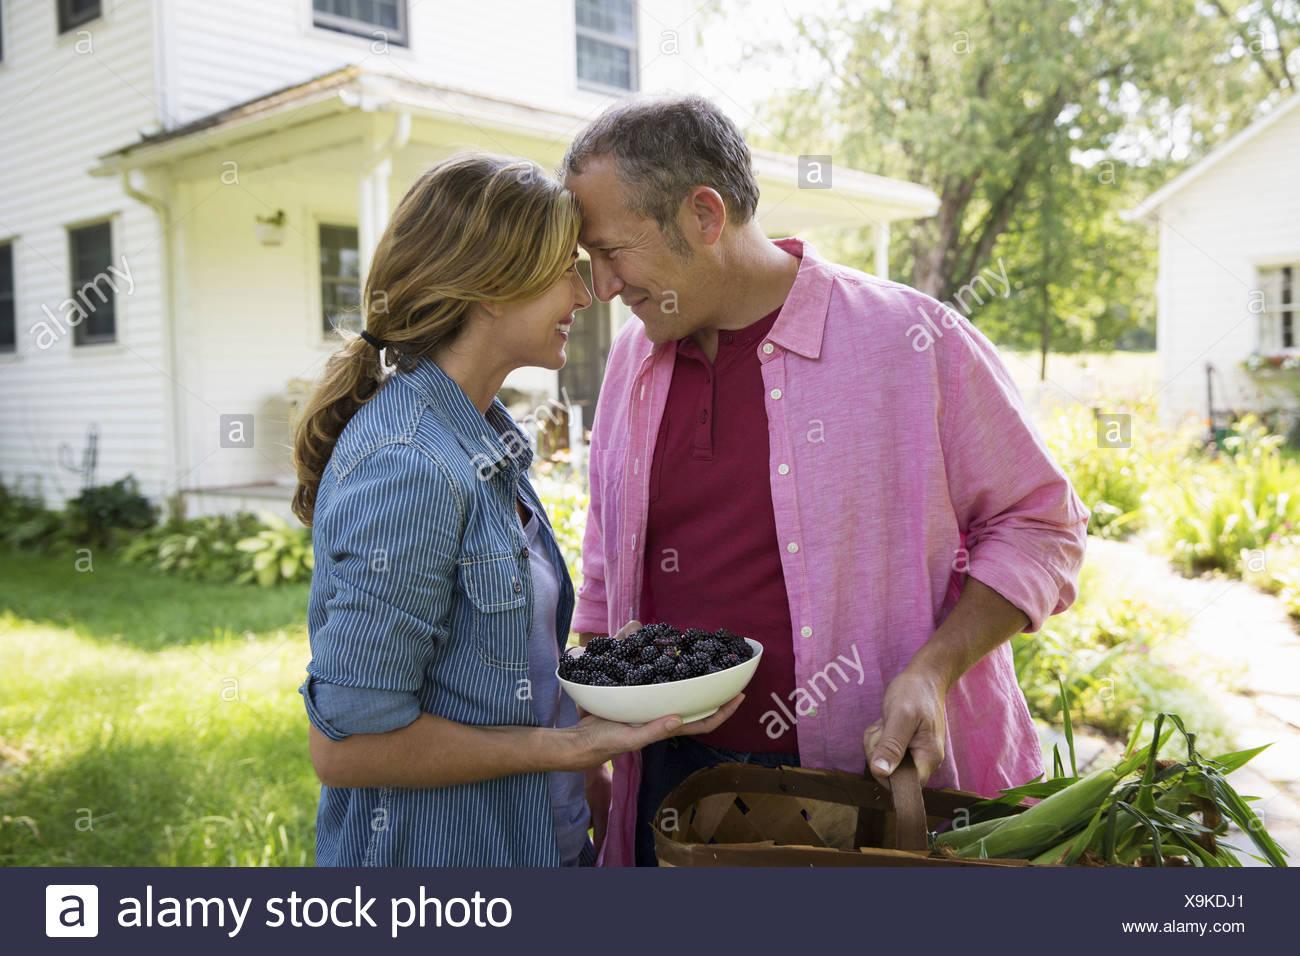 Ein Familien-Sommer-Garing auf einem Bauernhof. Ein gemeinsames Essen eine Heimkehr. Stockbild